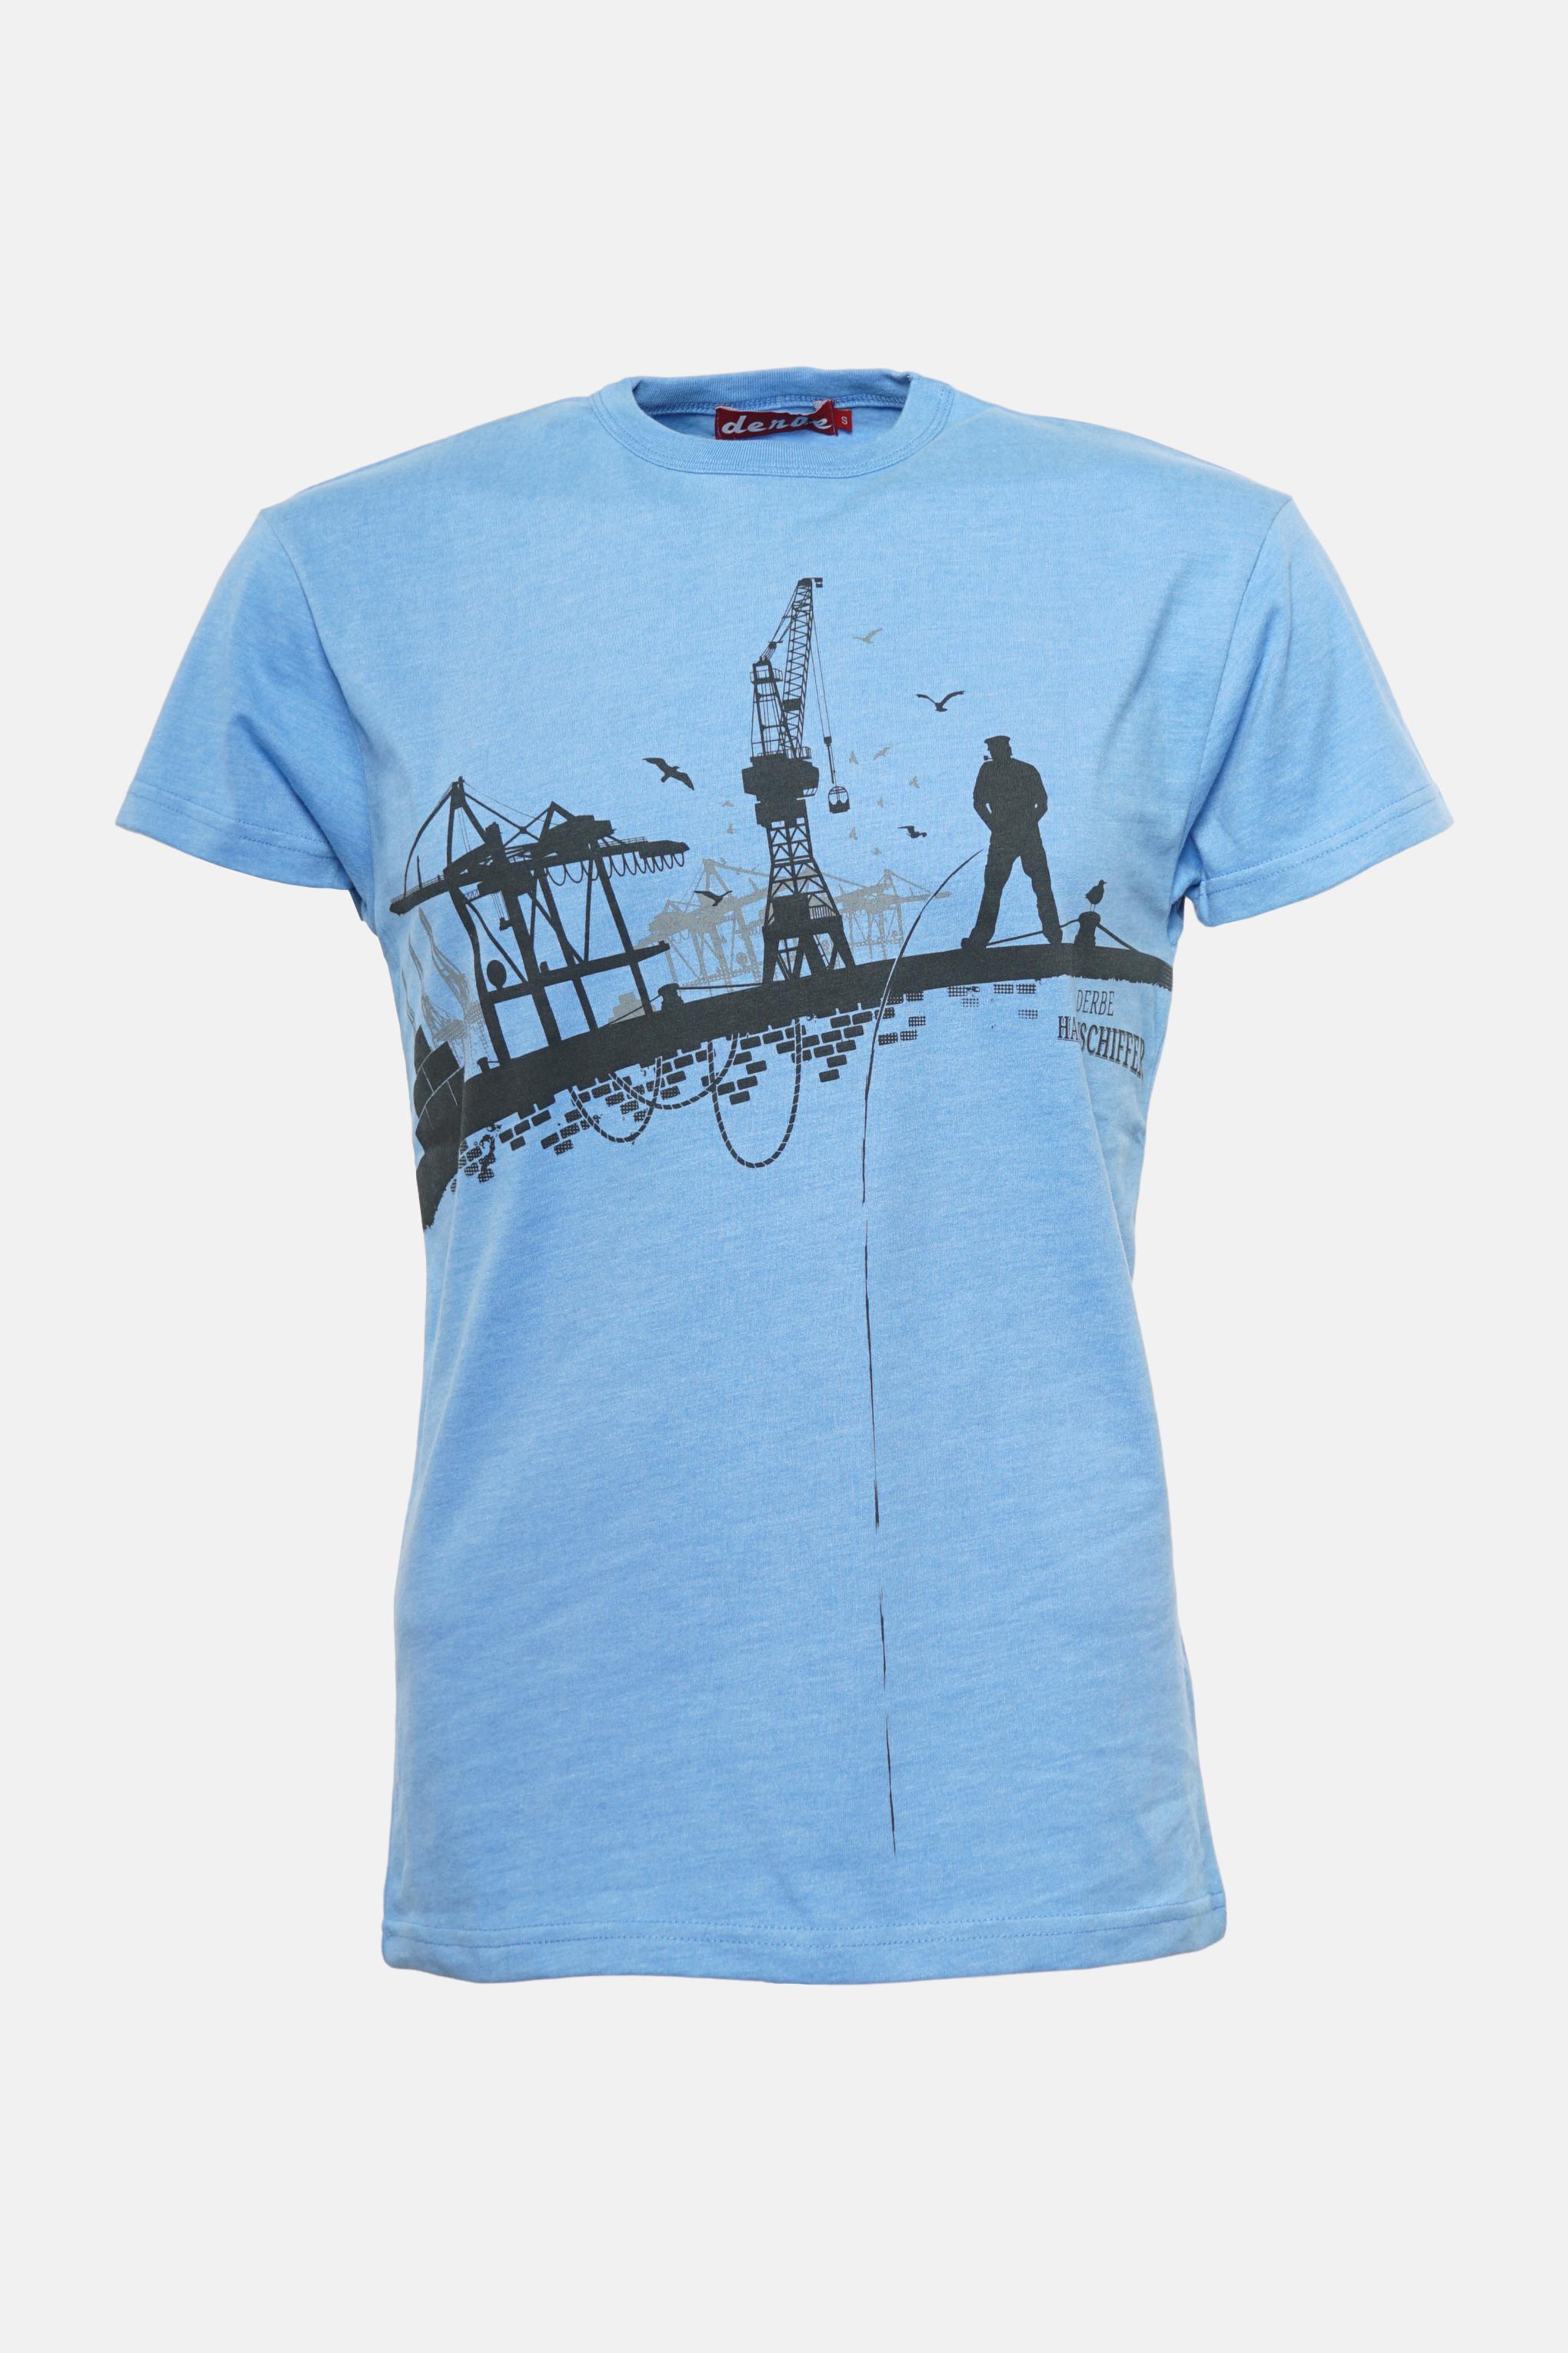 6ec15189217546 Derbe T-Shirt Hafenschiffer Herren Blau | Hanseheld.de